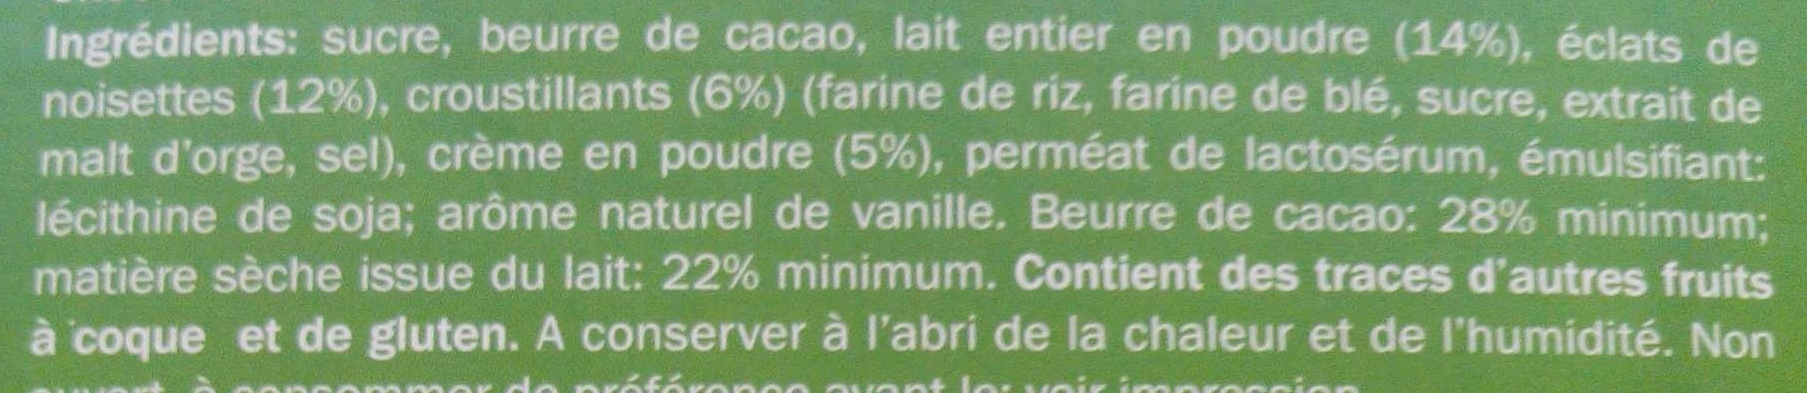 Blanc Noisettes & Céréales croustillantes - Ingrédients - fr